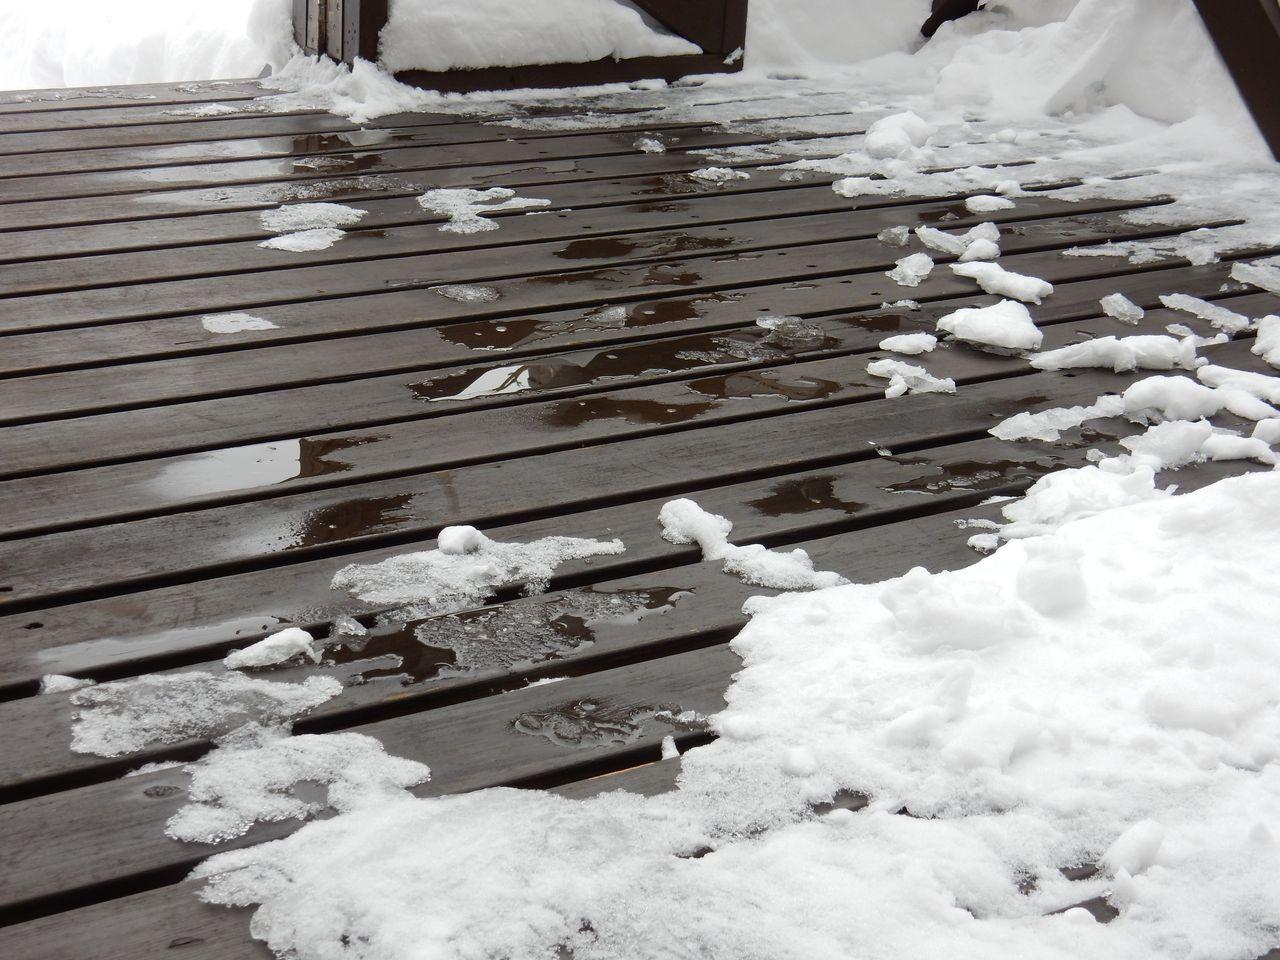 真冬日でもとける雪_c0025115_21022588.jpg